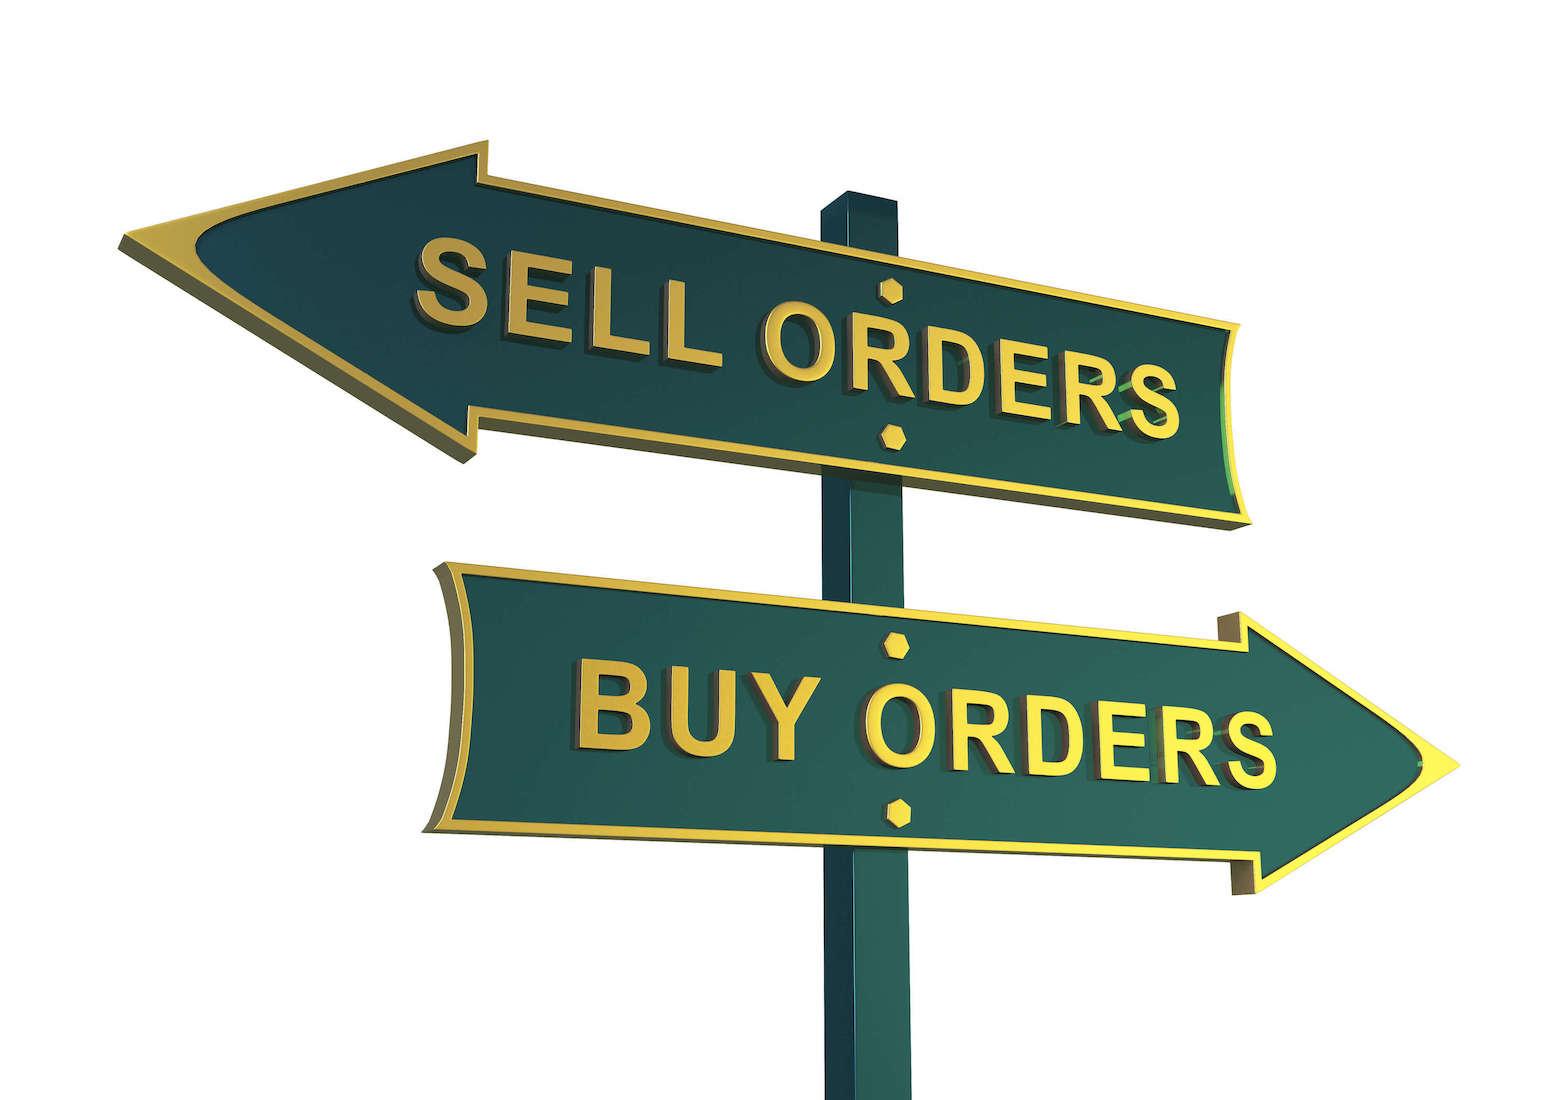 仮想通貨が売れない人へ解説する仮想通貨を大量売却する方法